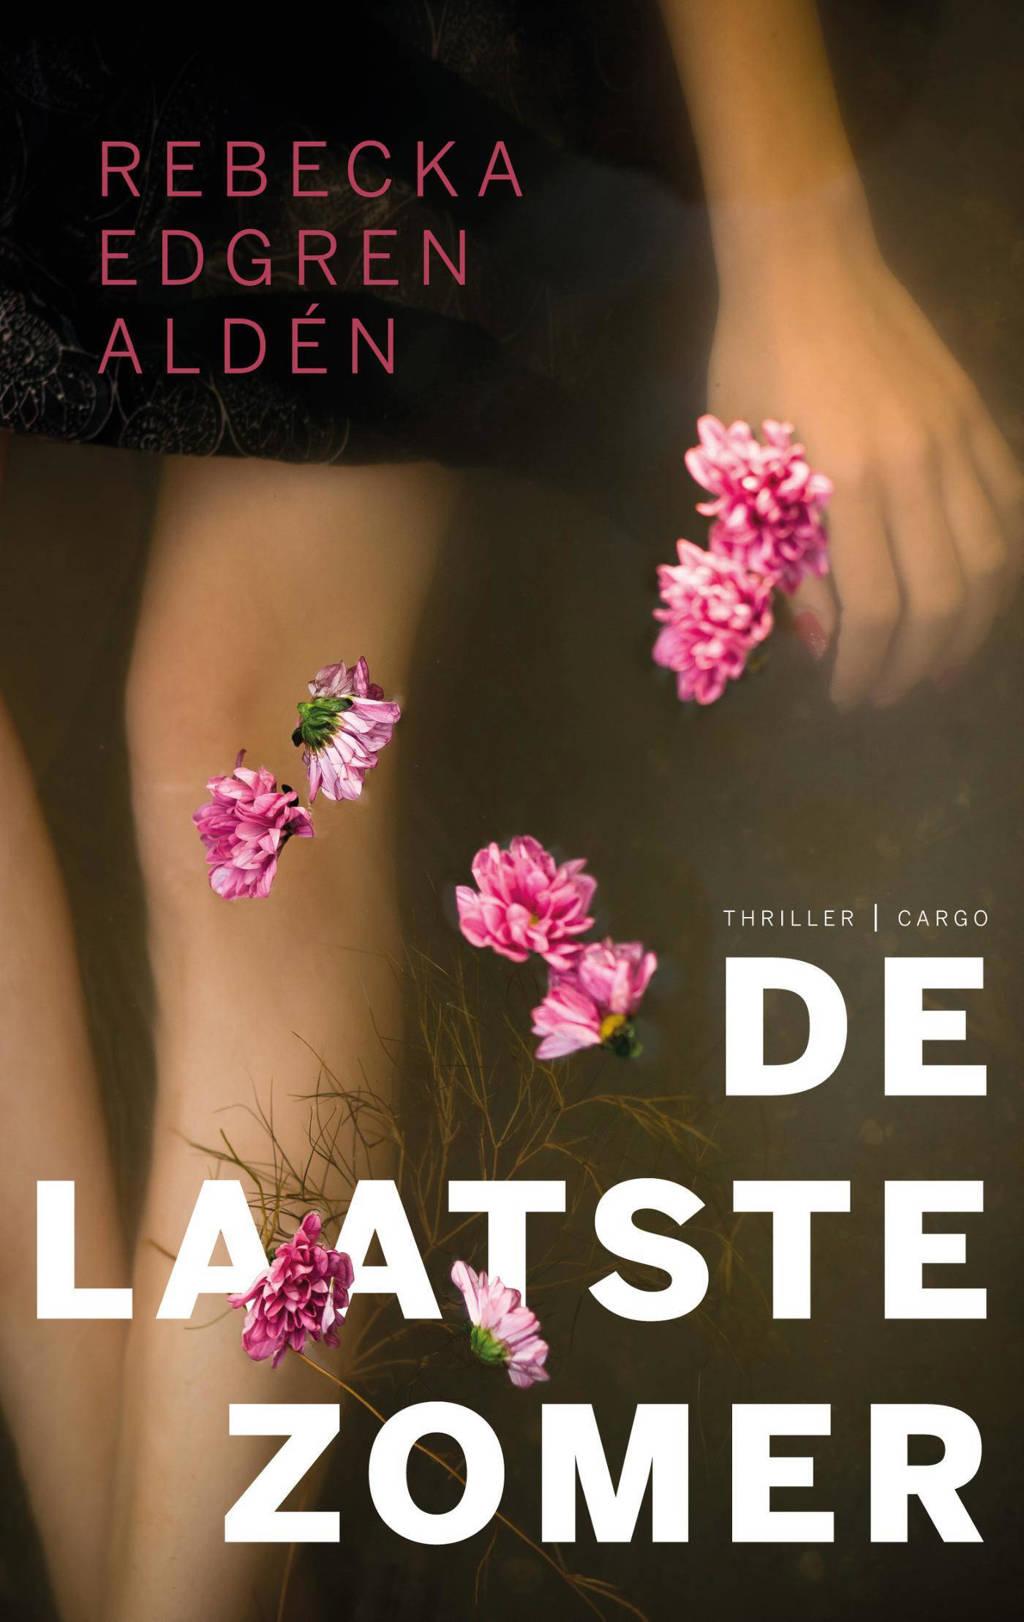 De laatste zomer - Rebecka Edgren Aldén